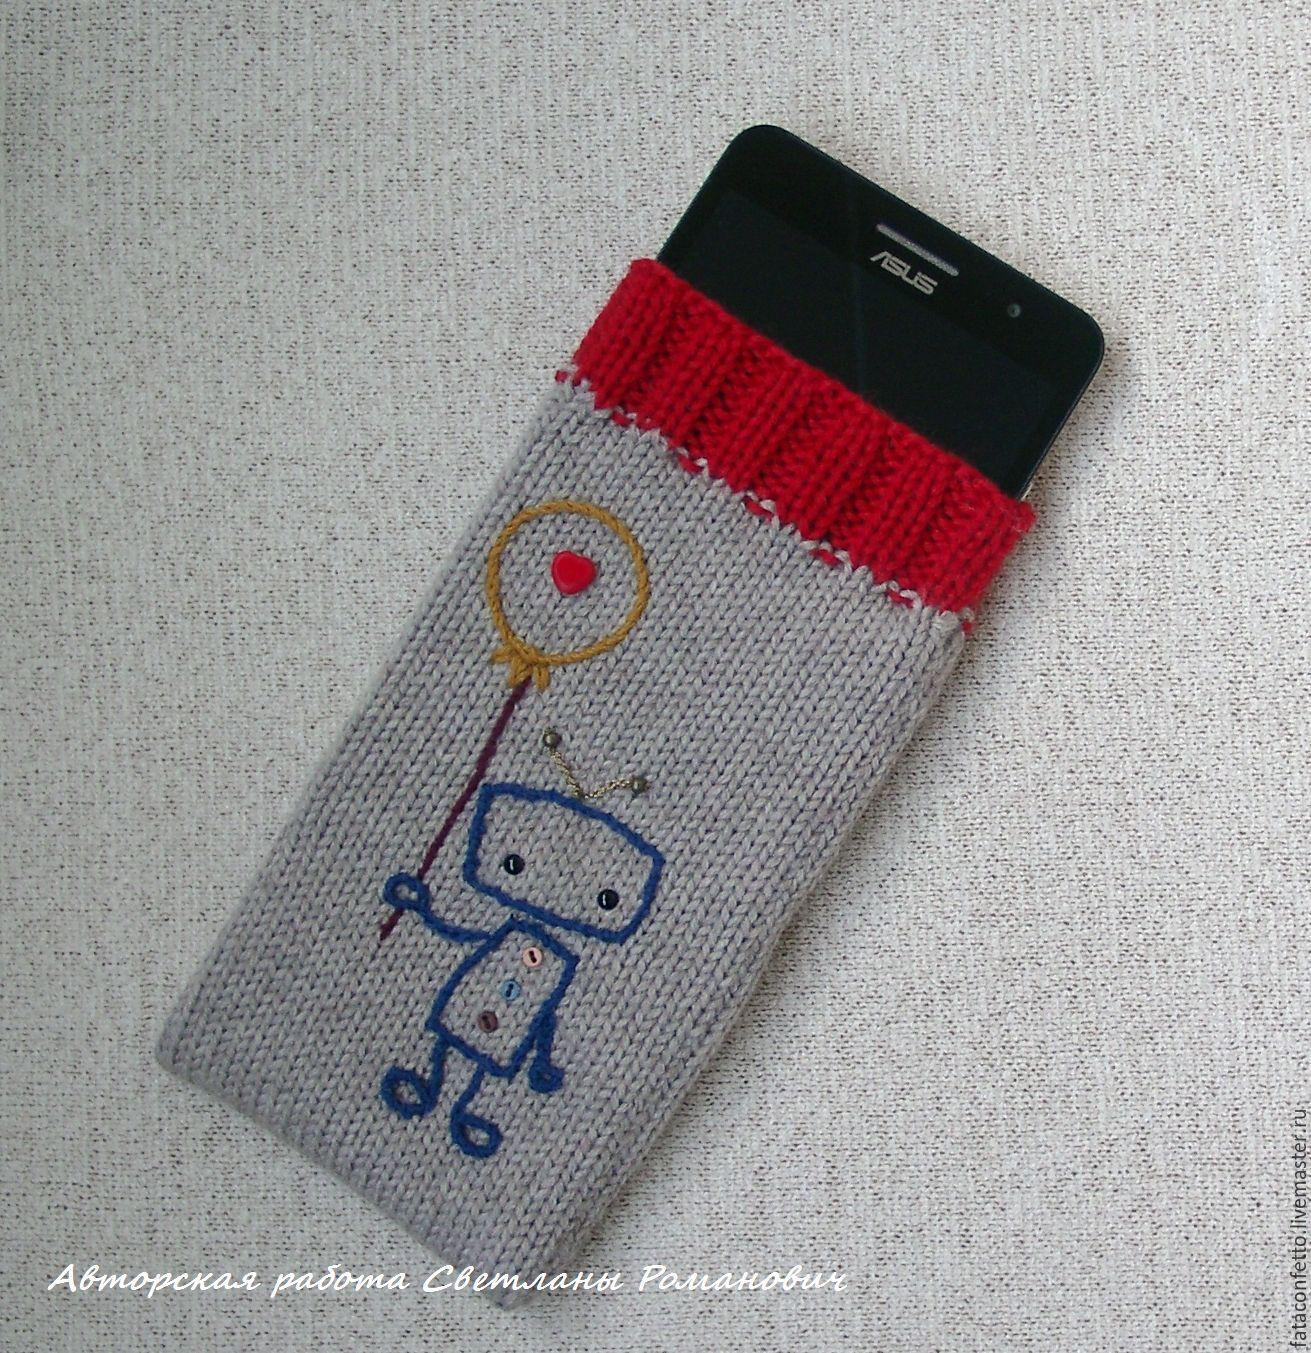 Чехол для мобильного телефона - 5 вязаных идей